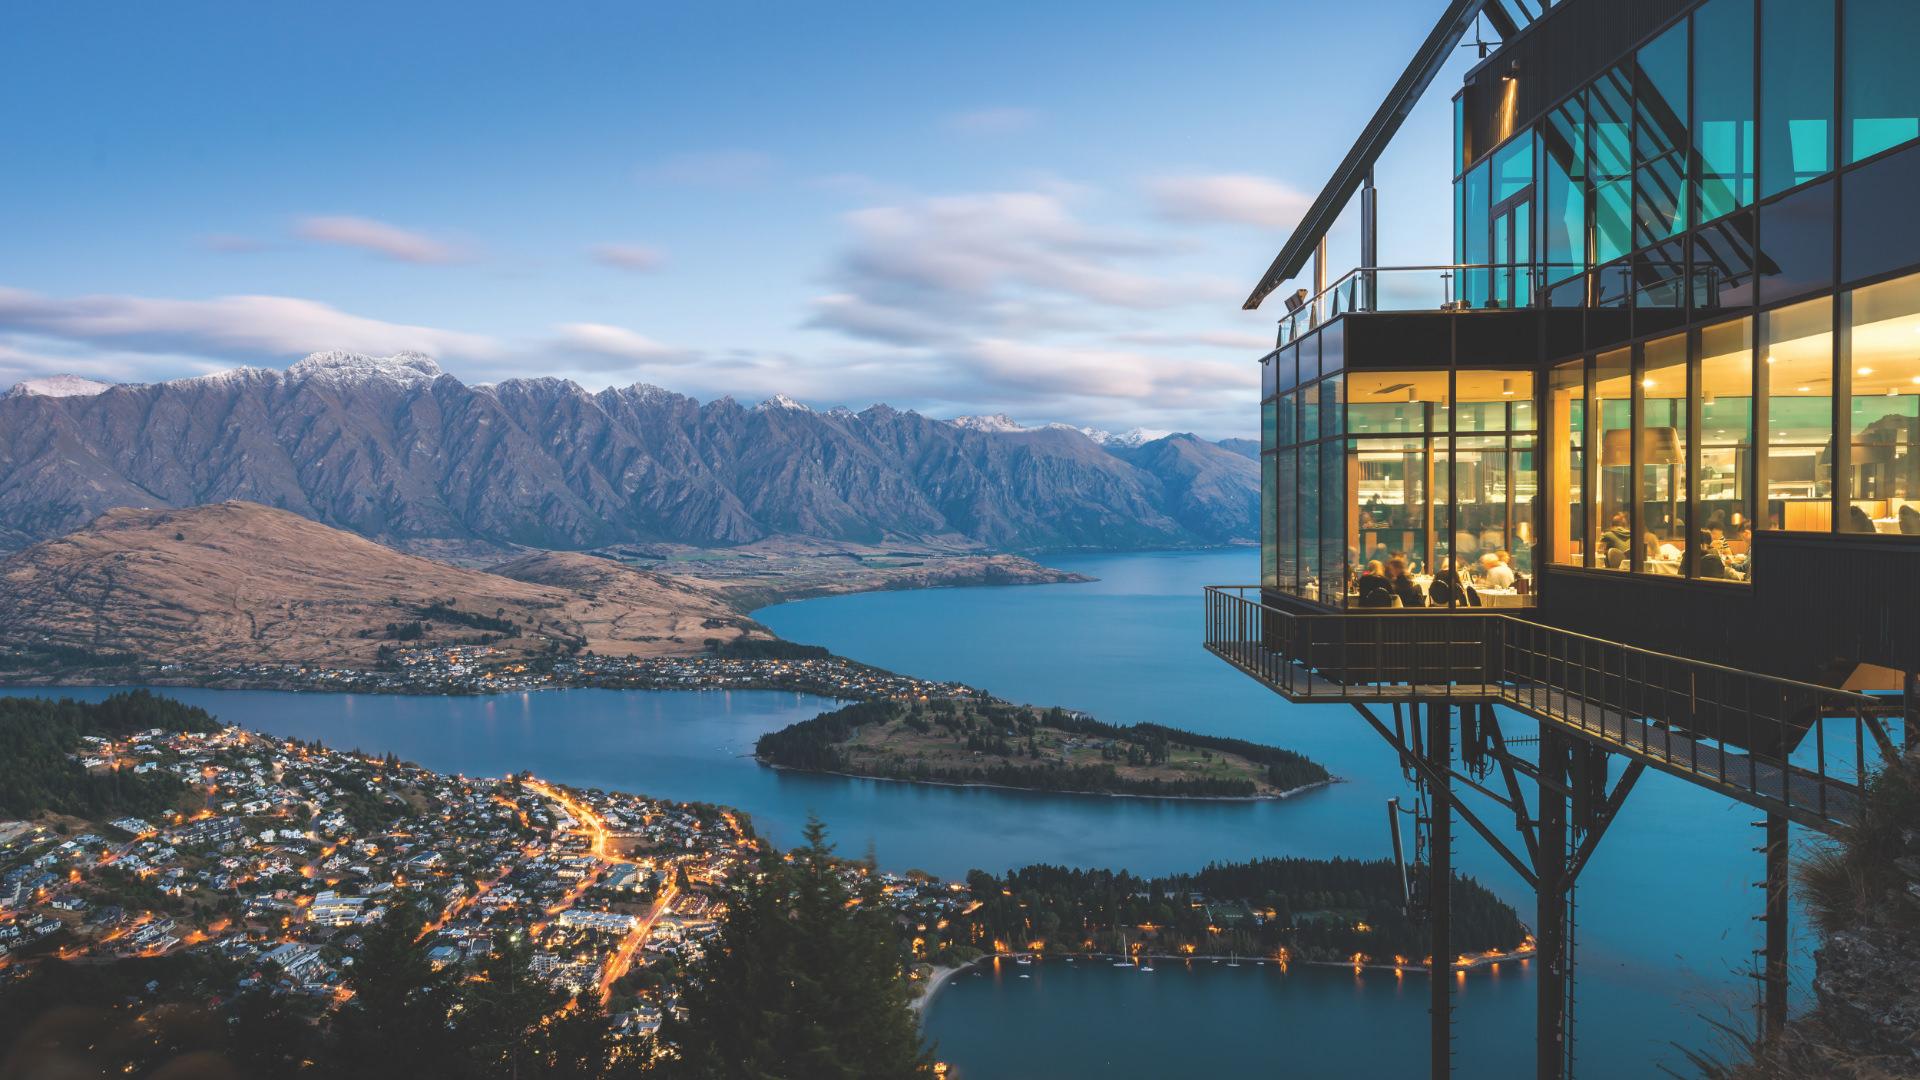 Doğa ve Lüksün Buluştuğu Ülke: Yeni Zelanda